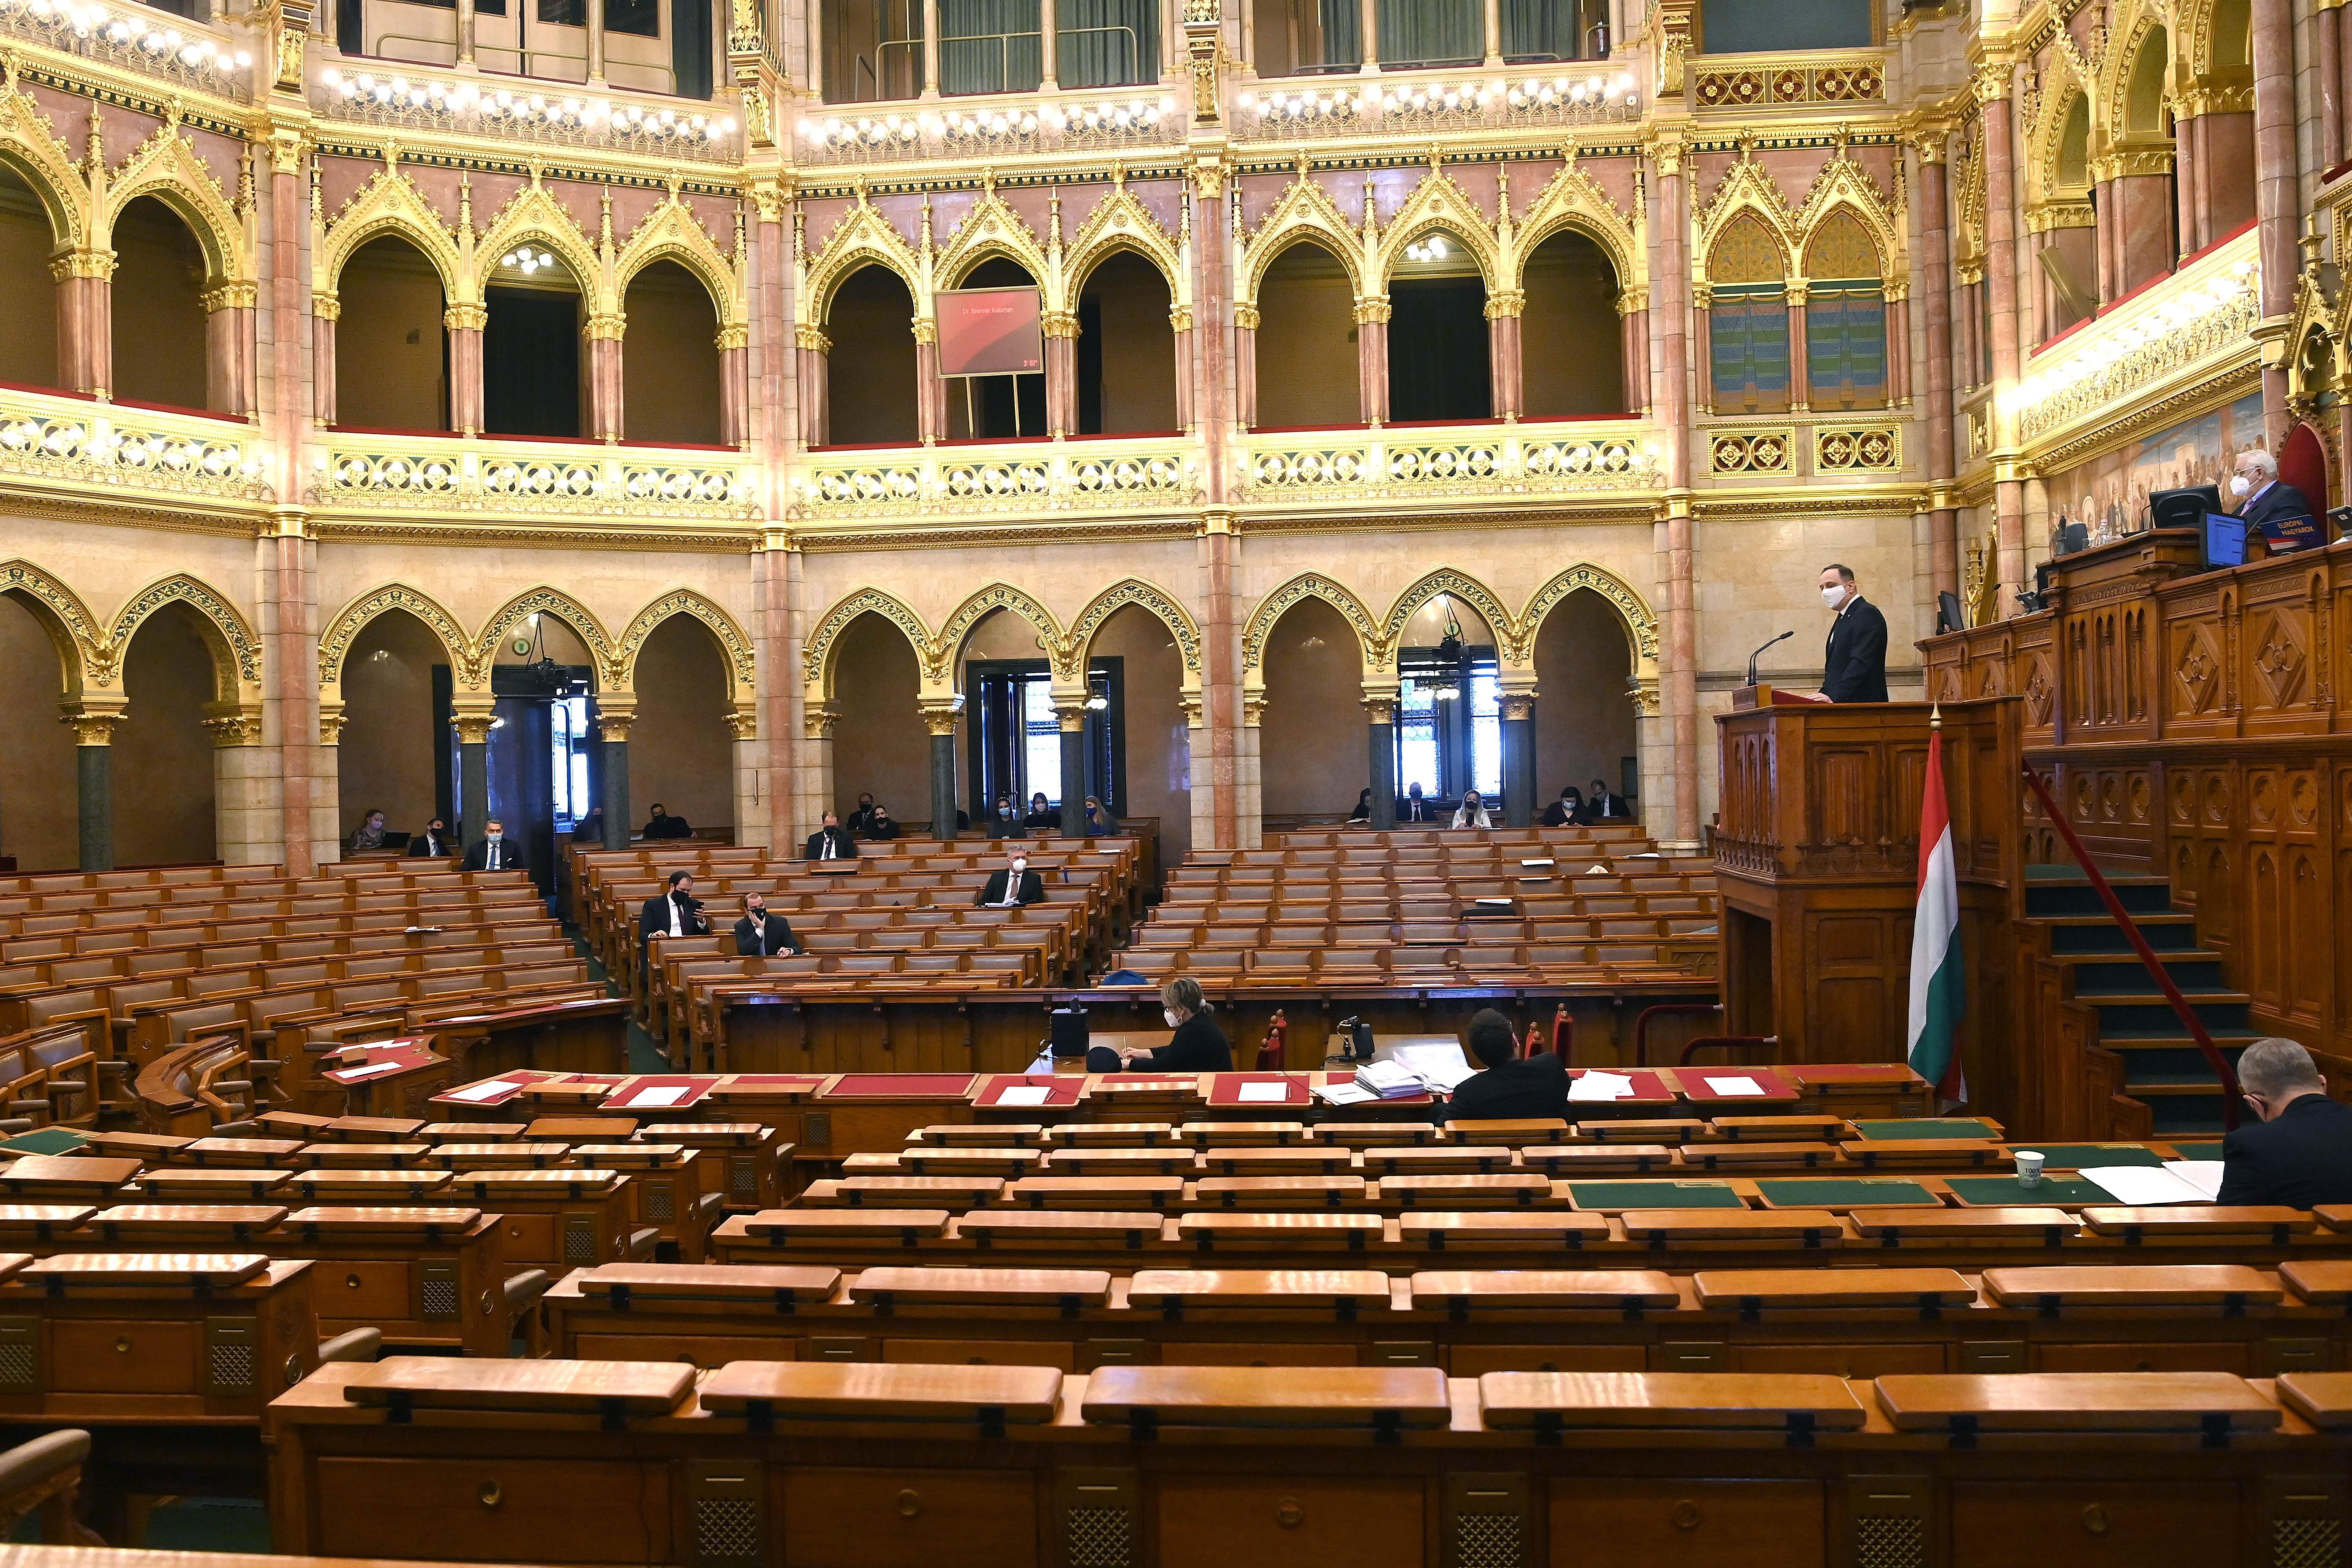 Mintha az egyetemek cégek lennének: az állam nagyszabású leépítéséről vitatkoztak a parlamentben